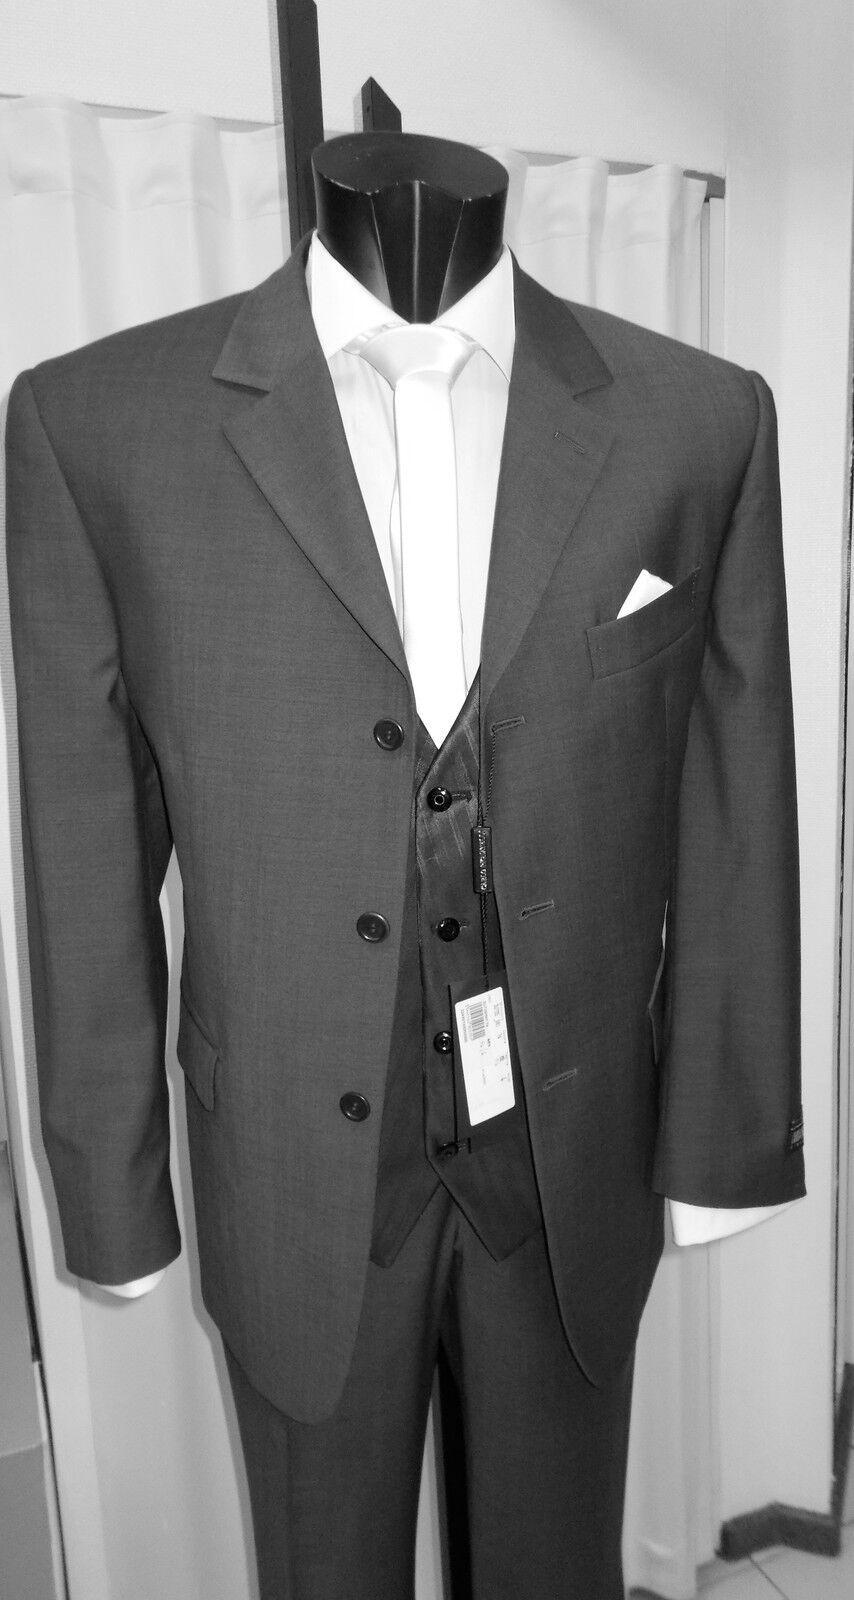 Kleid Bräutigam T.54 Carlo Pignatelli Suit Hochzeit Herr Italienischen Designer    Marke    Moderne und stilvolle Mode    Günstig